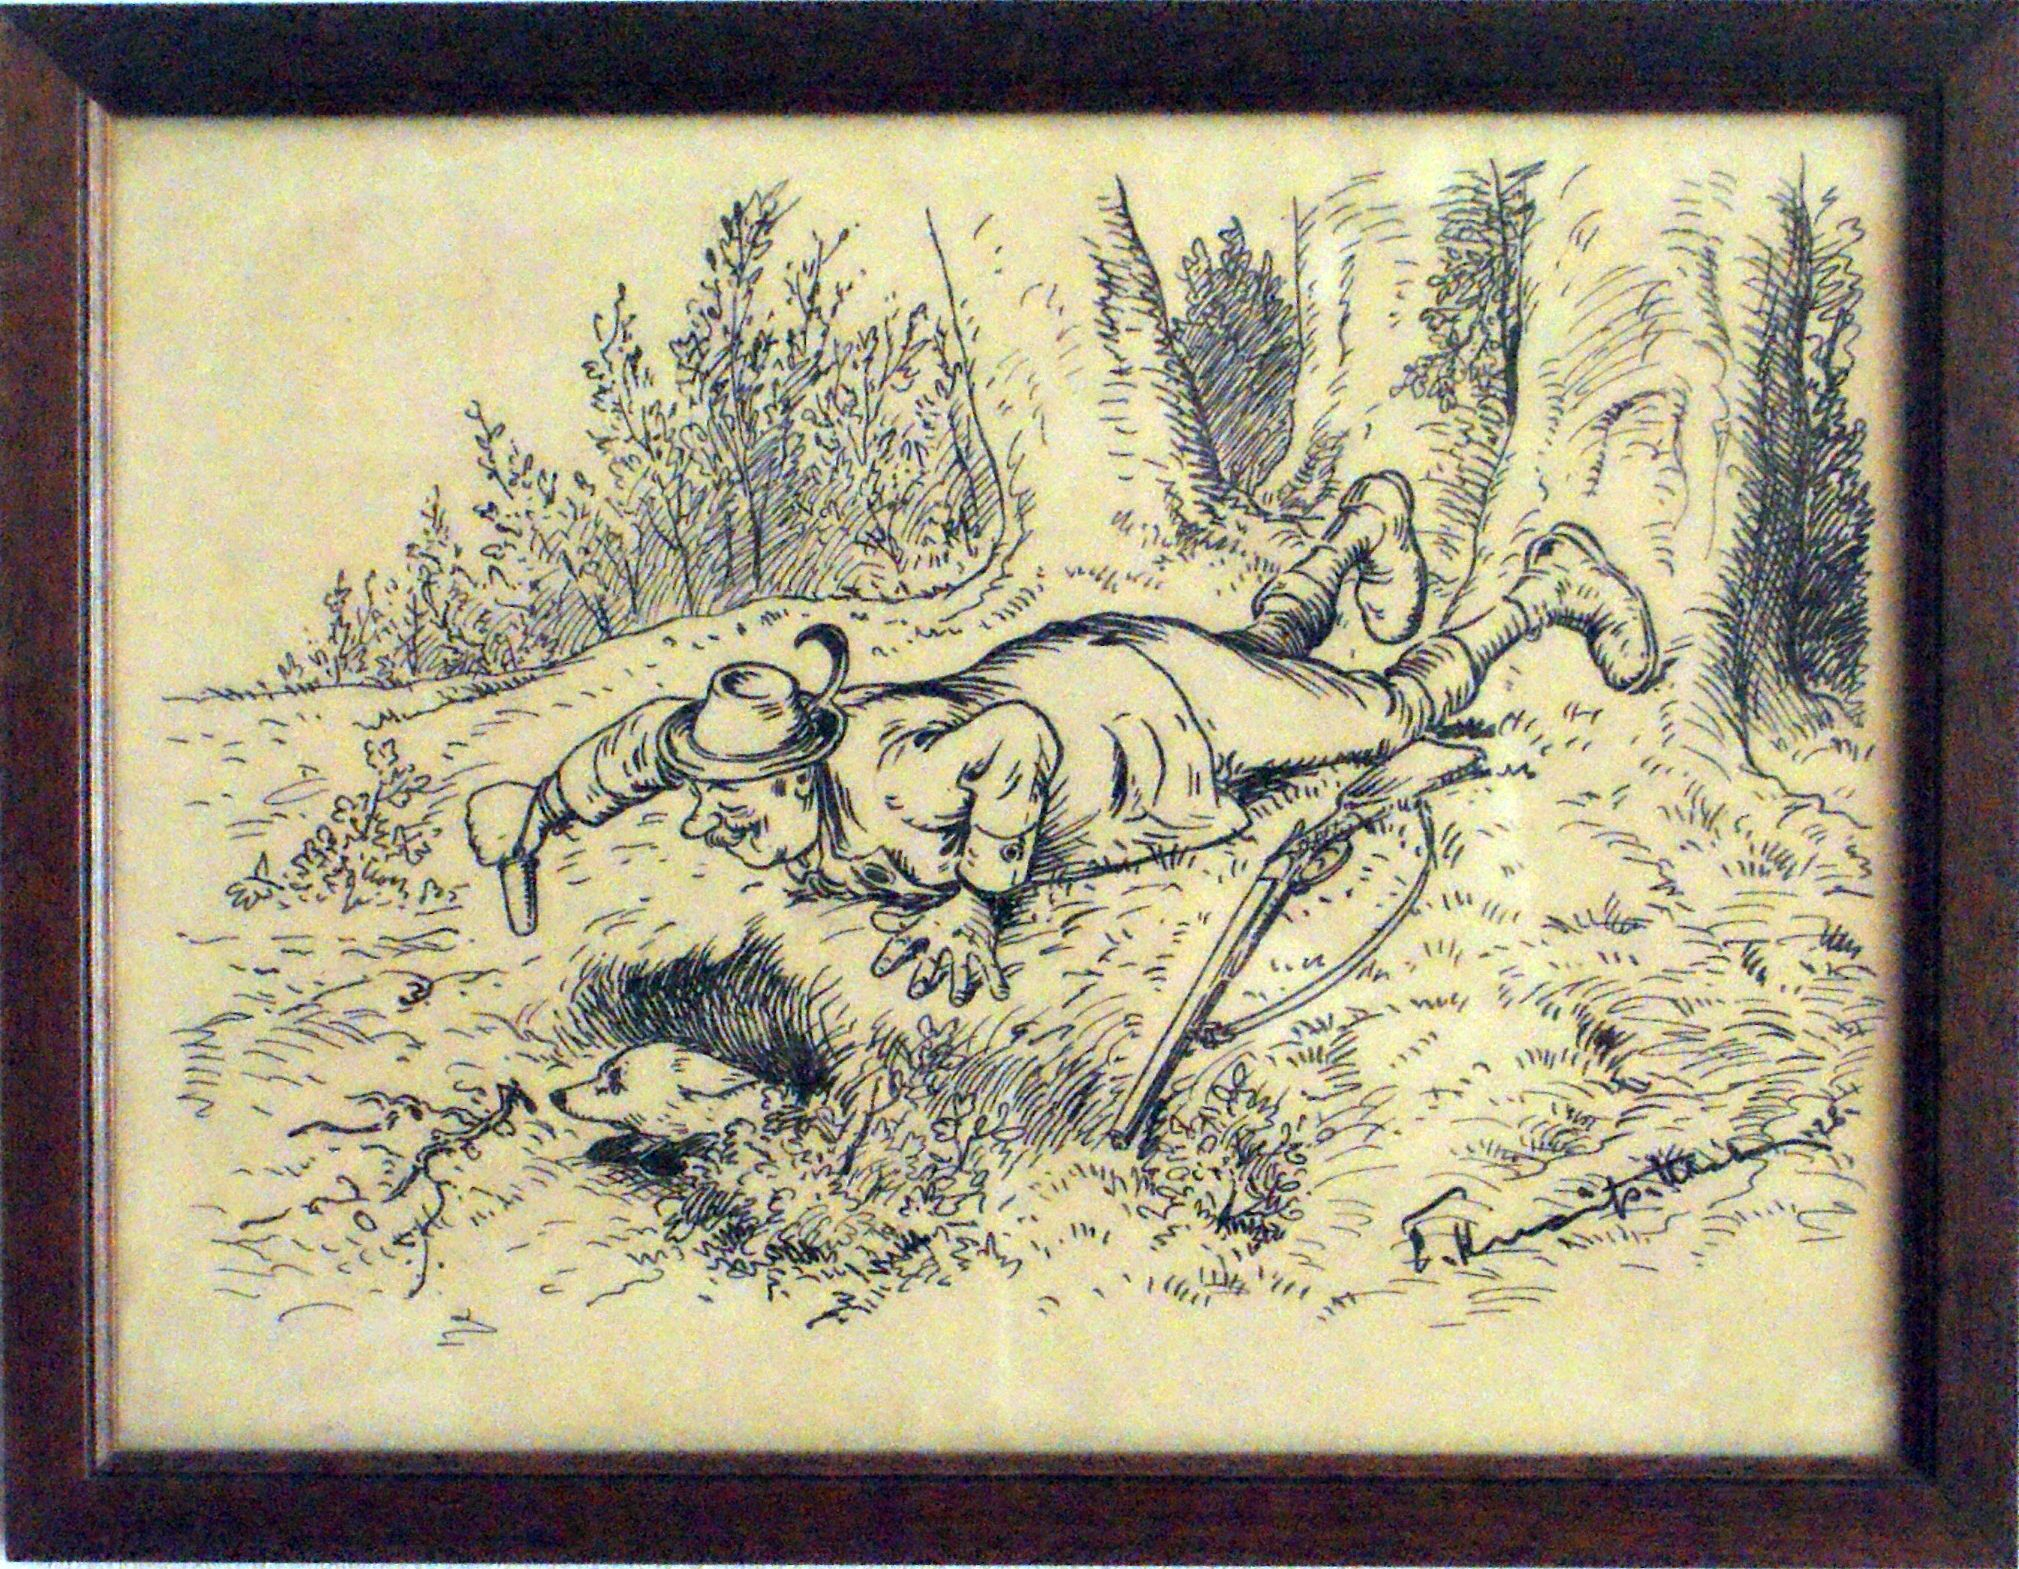 Bild: Jäger versucht, durch einen Fingerling einen Fuchs aus dem Bau zu locken